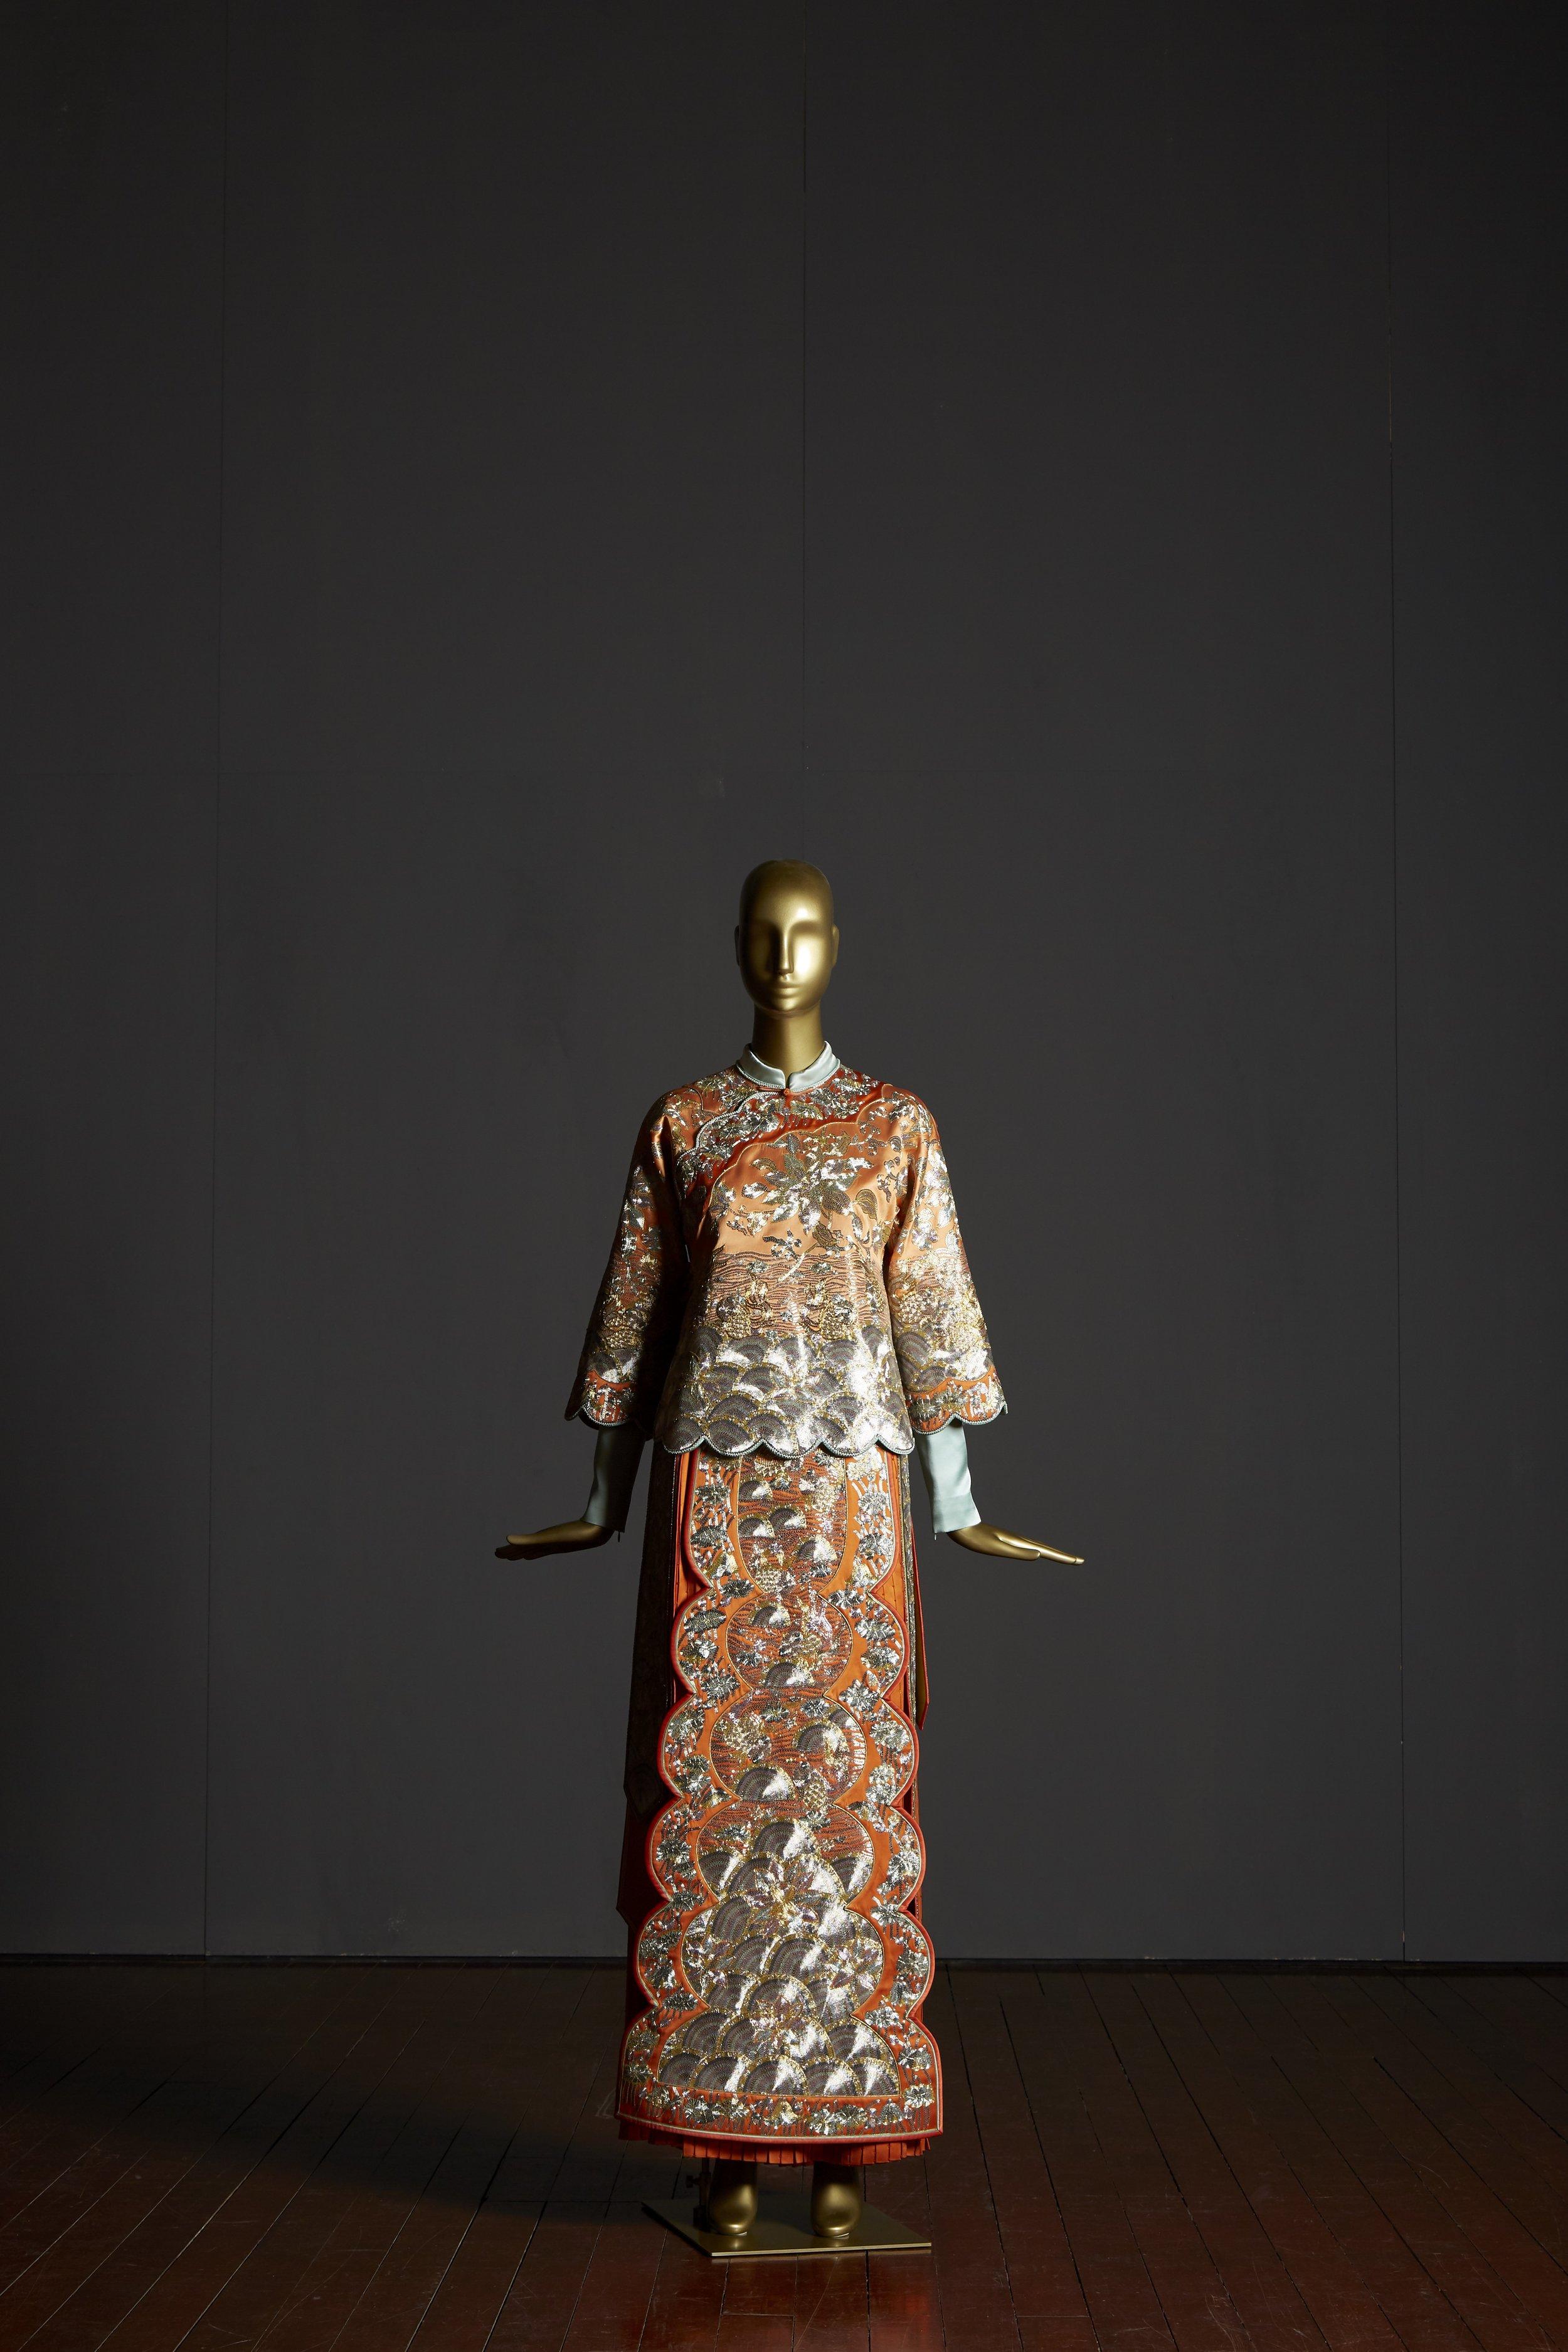 莲生贵子褂、鱼水和谐裙 (Lotus and goldfish bridal top and skirt)  Guo Pei, Chinese Bride Collection China, Beijing, 2012 Silk, gold thread, 180 x 100 x 100 cm 4,500 hours Collection of Guo Pei Image courtesy of Asian Civilisations Museum